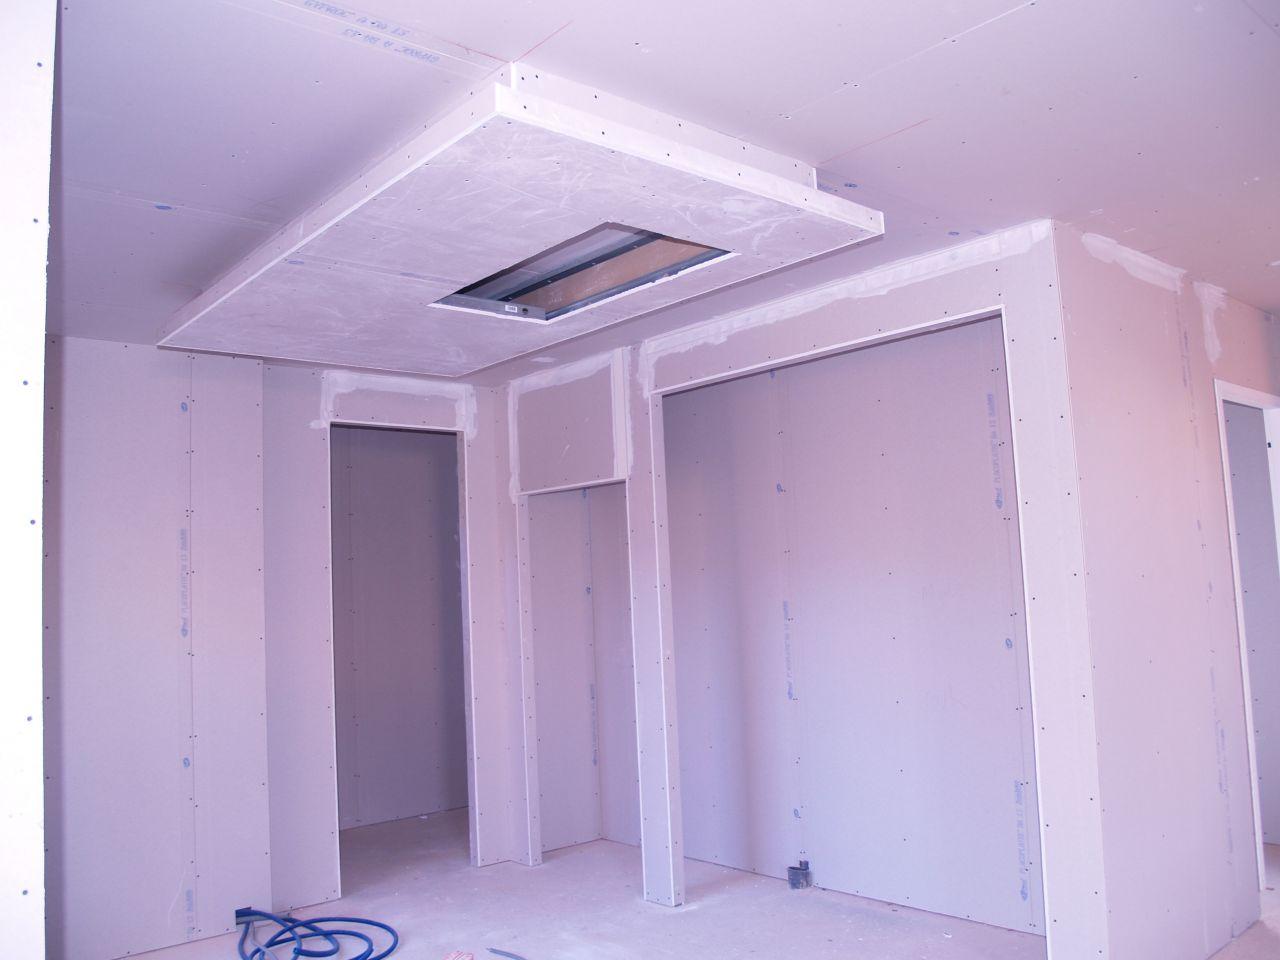 Détail du faux plafond au dessus de l'ilot central